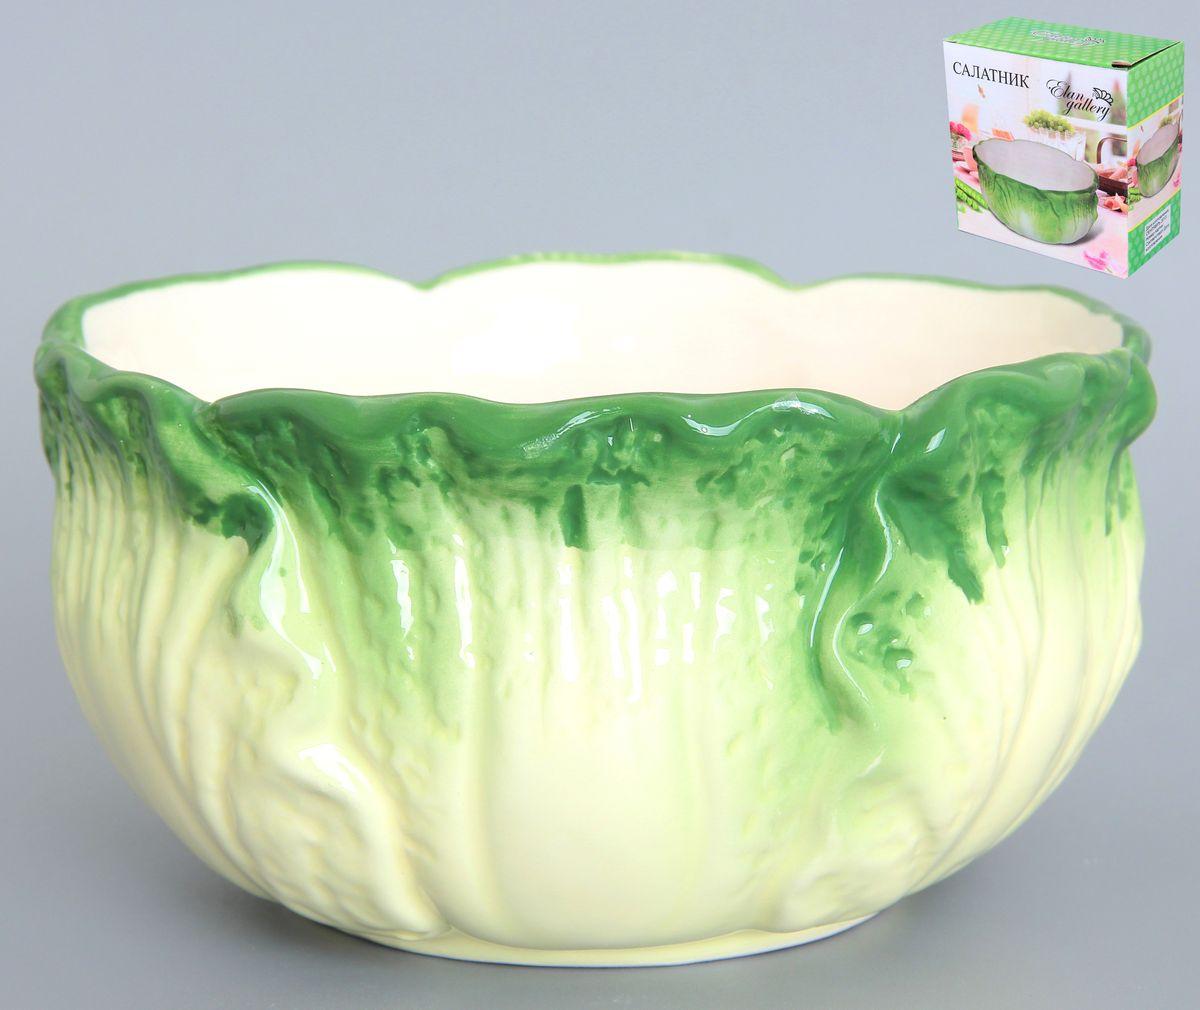 Салатник Elan Gallery Капуста, 600 мл54 009312Салатник Elan Gallery, выполненный из керамики в виде капусты, оригинально украсит ваш стол или кухню.Изделие впишется в любой интерьер, особенно на даче.